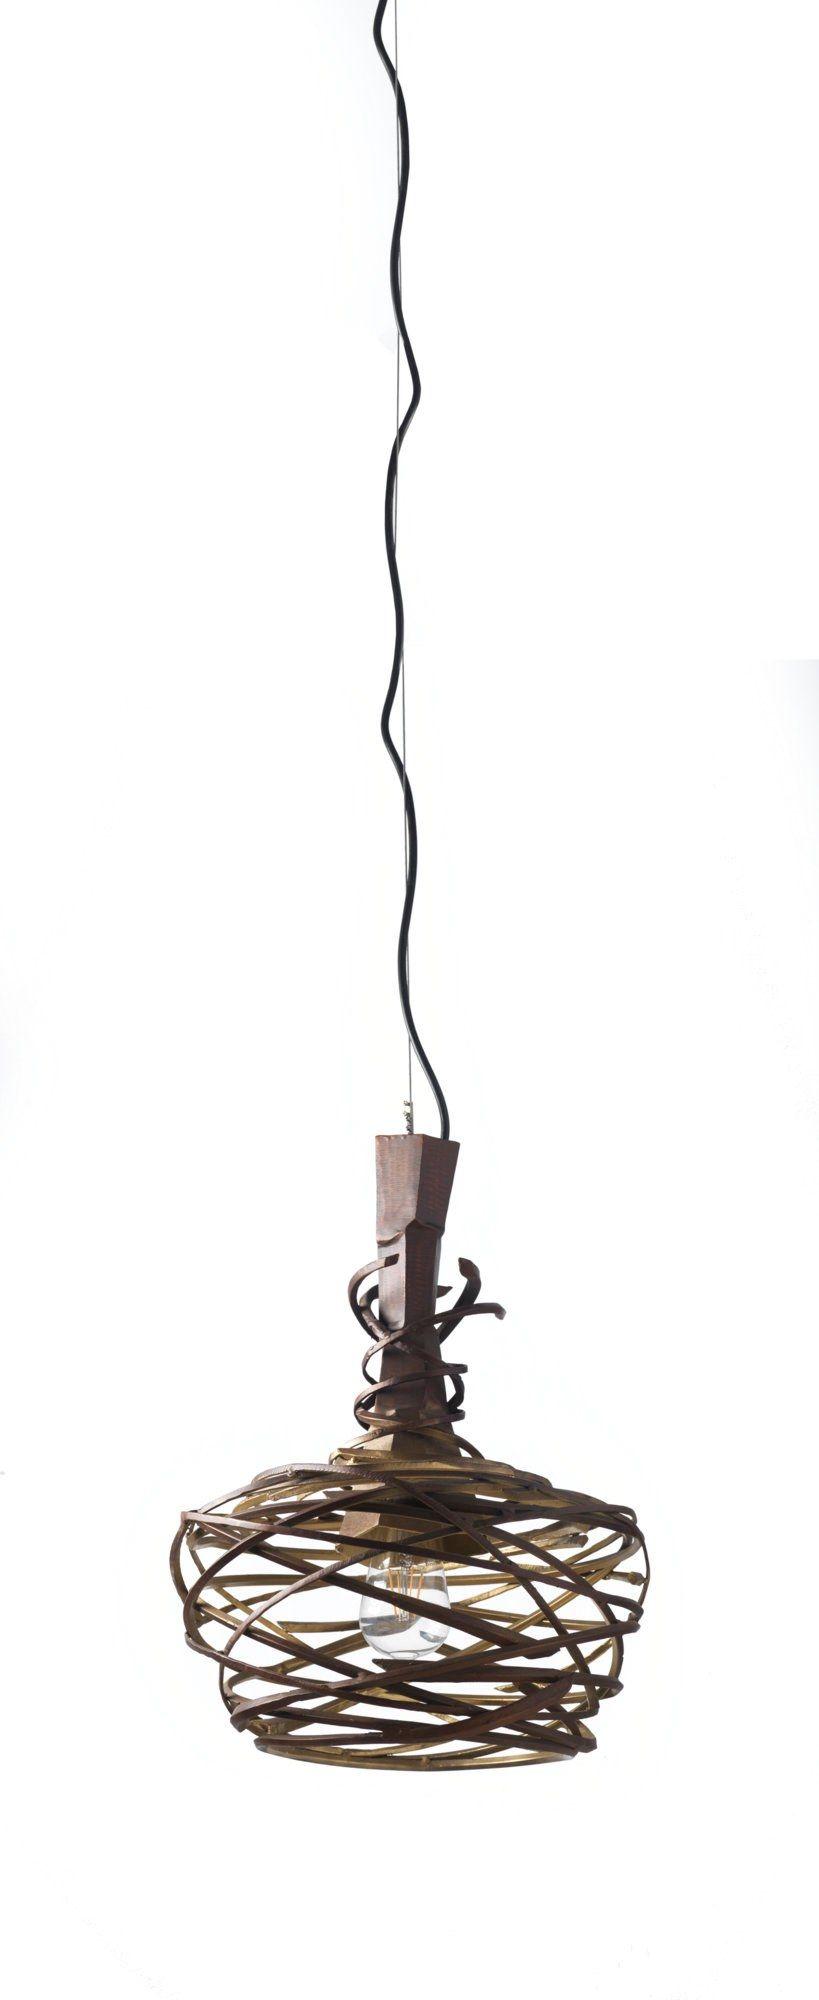 Lampada A To Be Elite Sospensione In Nest Midi Ferro wNP80nkXO